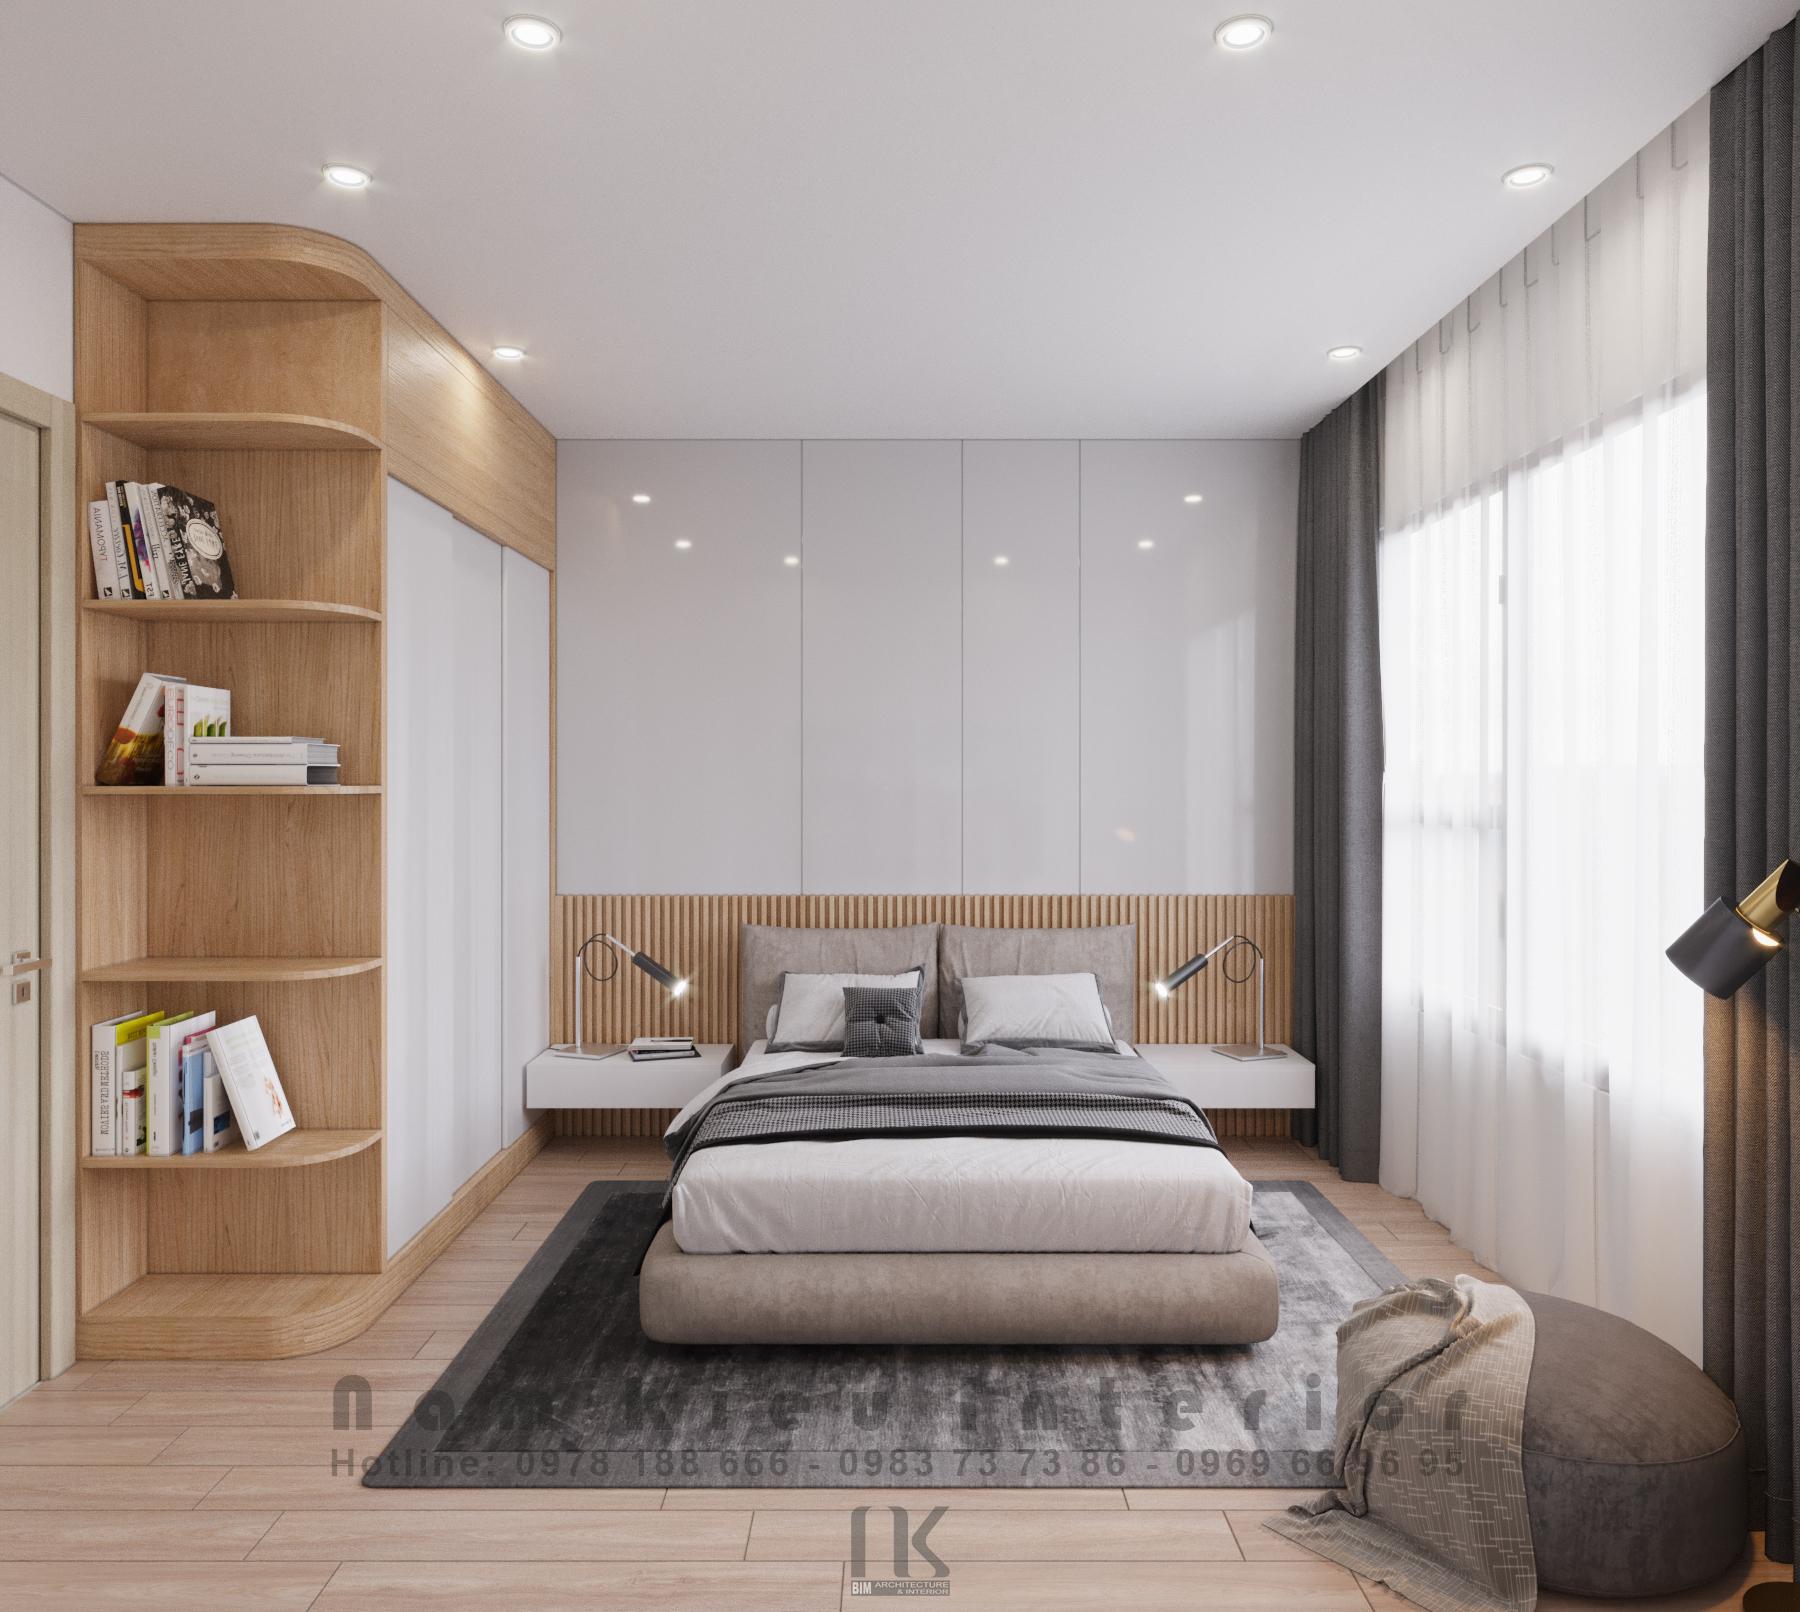 Thiết kế nội thất Chung Cư tại Hà Nội Căn hộ 2PN tại chung cư Vinhomes Smart City 1590635777 6